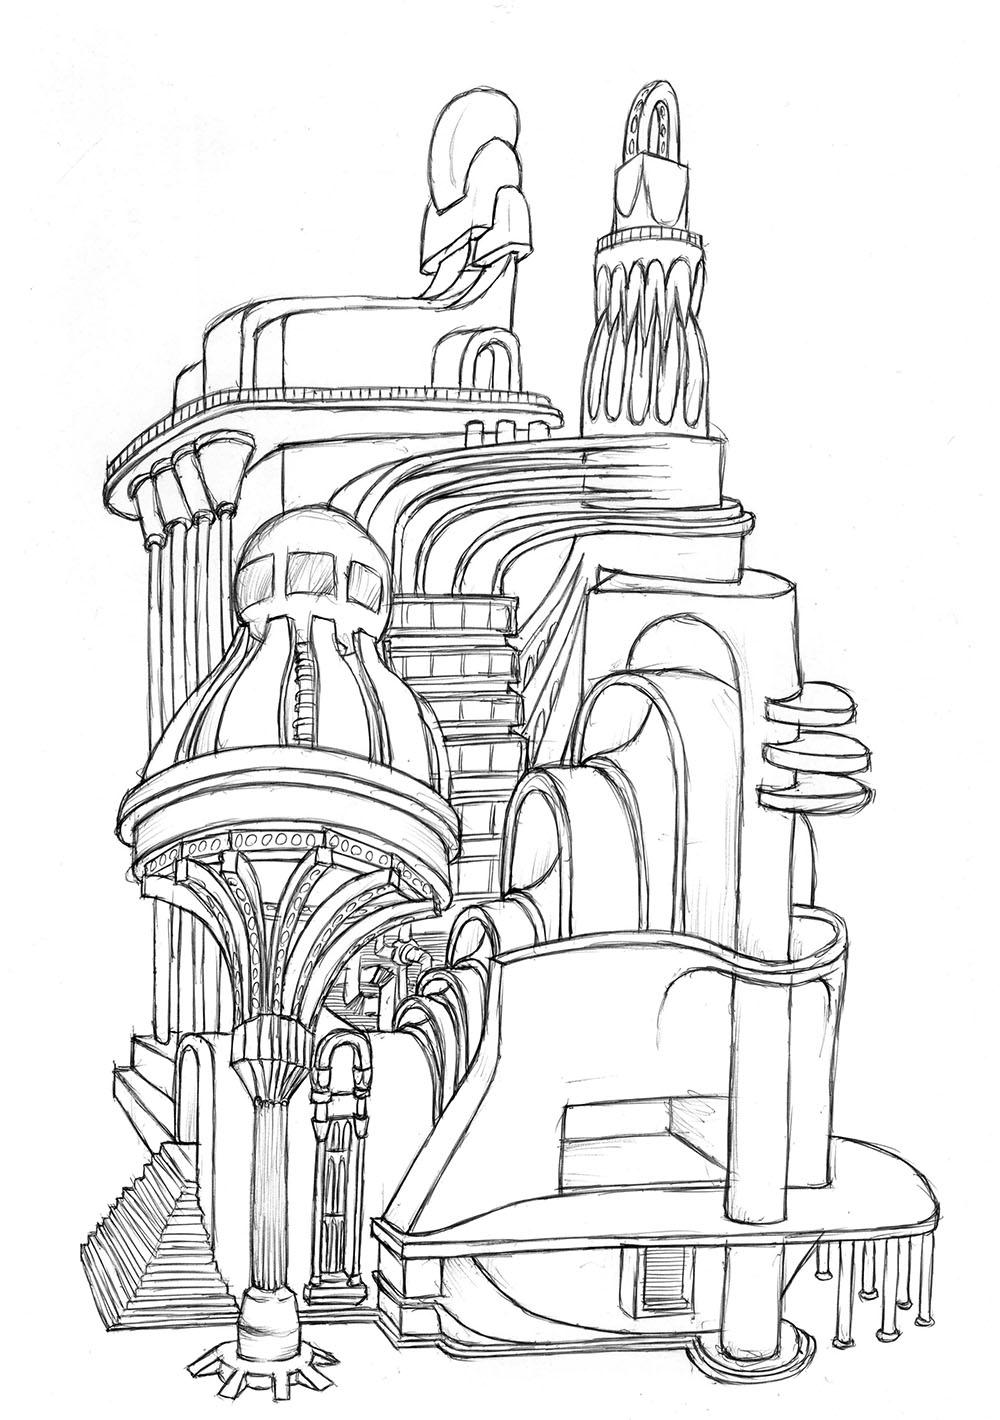 Architektur Kopie.jpg